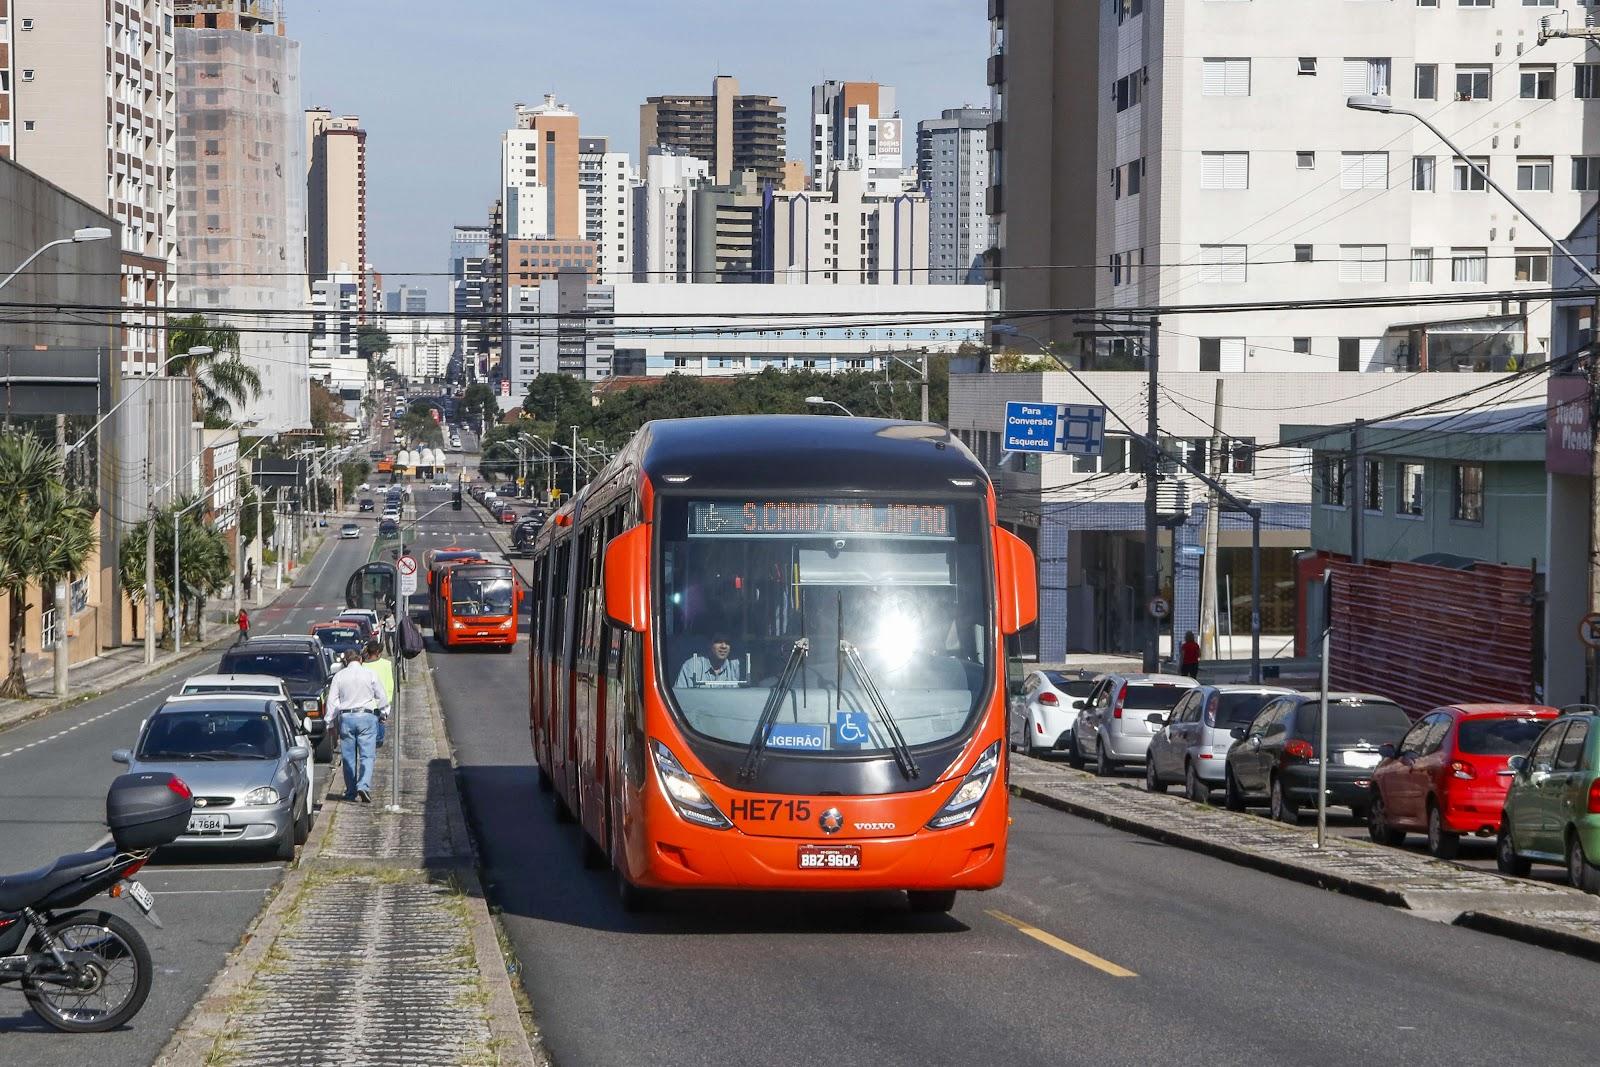 Em um ano, o transporte público de Curitiba perdeu quase 100 milhões de passageiros. (Lucilia Guimarães/SMCS/Reprodução)